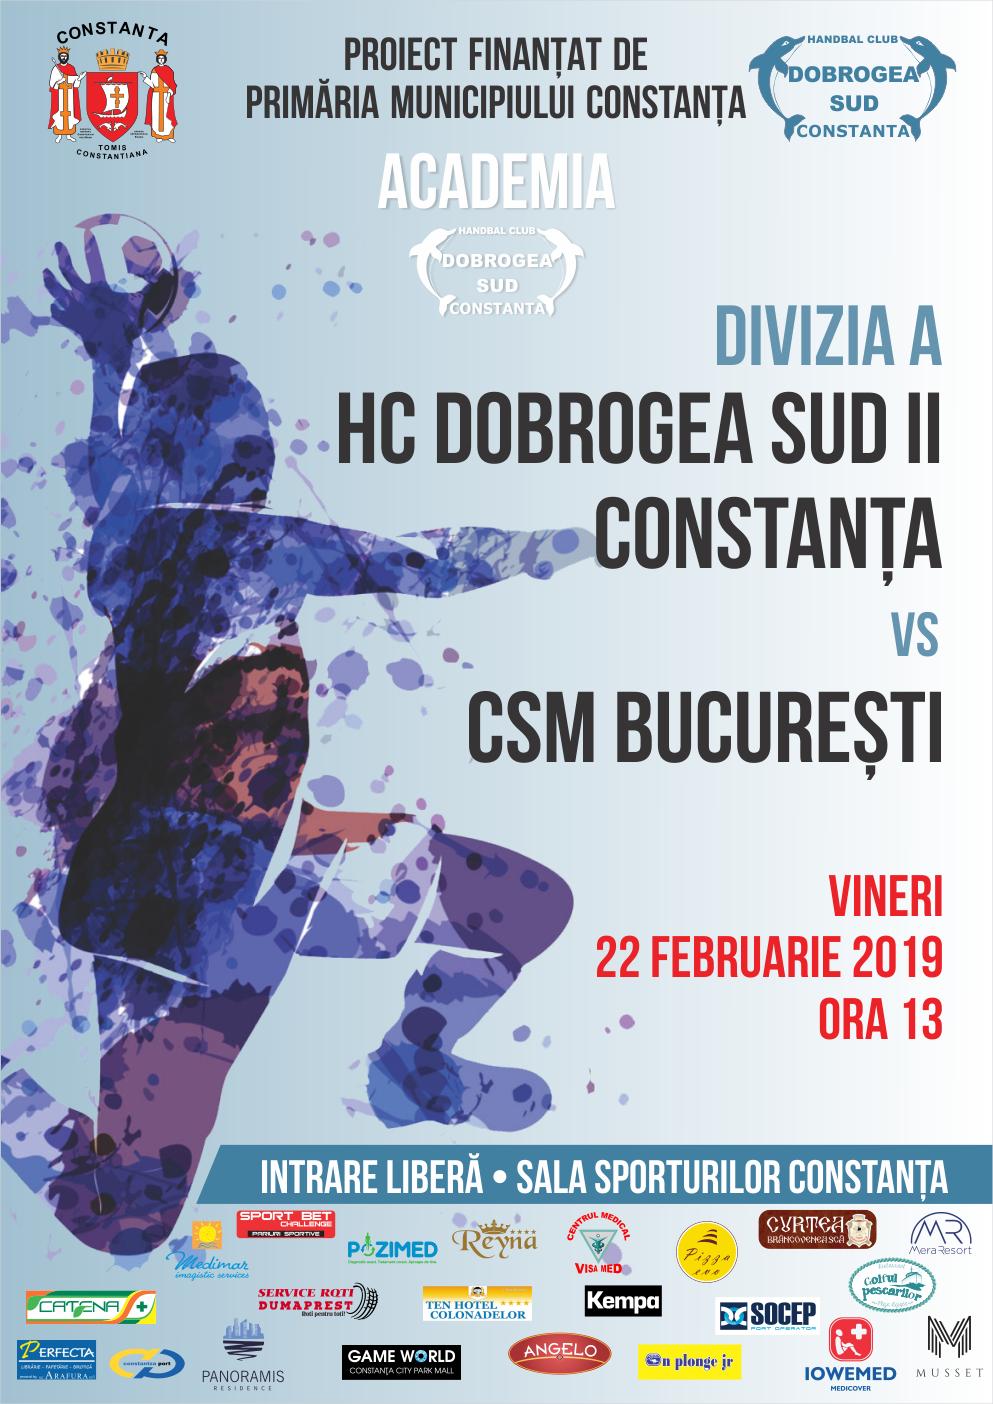 afis HC Dobrogea Sud II Constanta vs CSM Bucuresti 22.02.2019